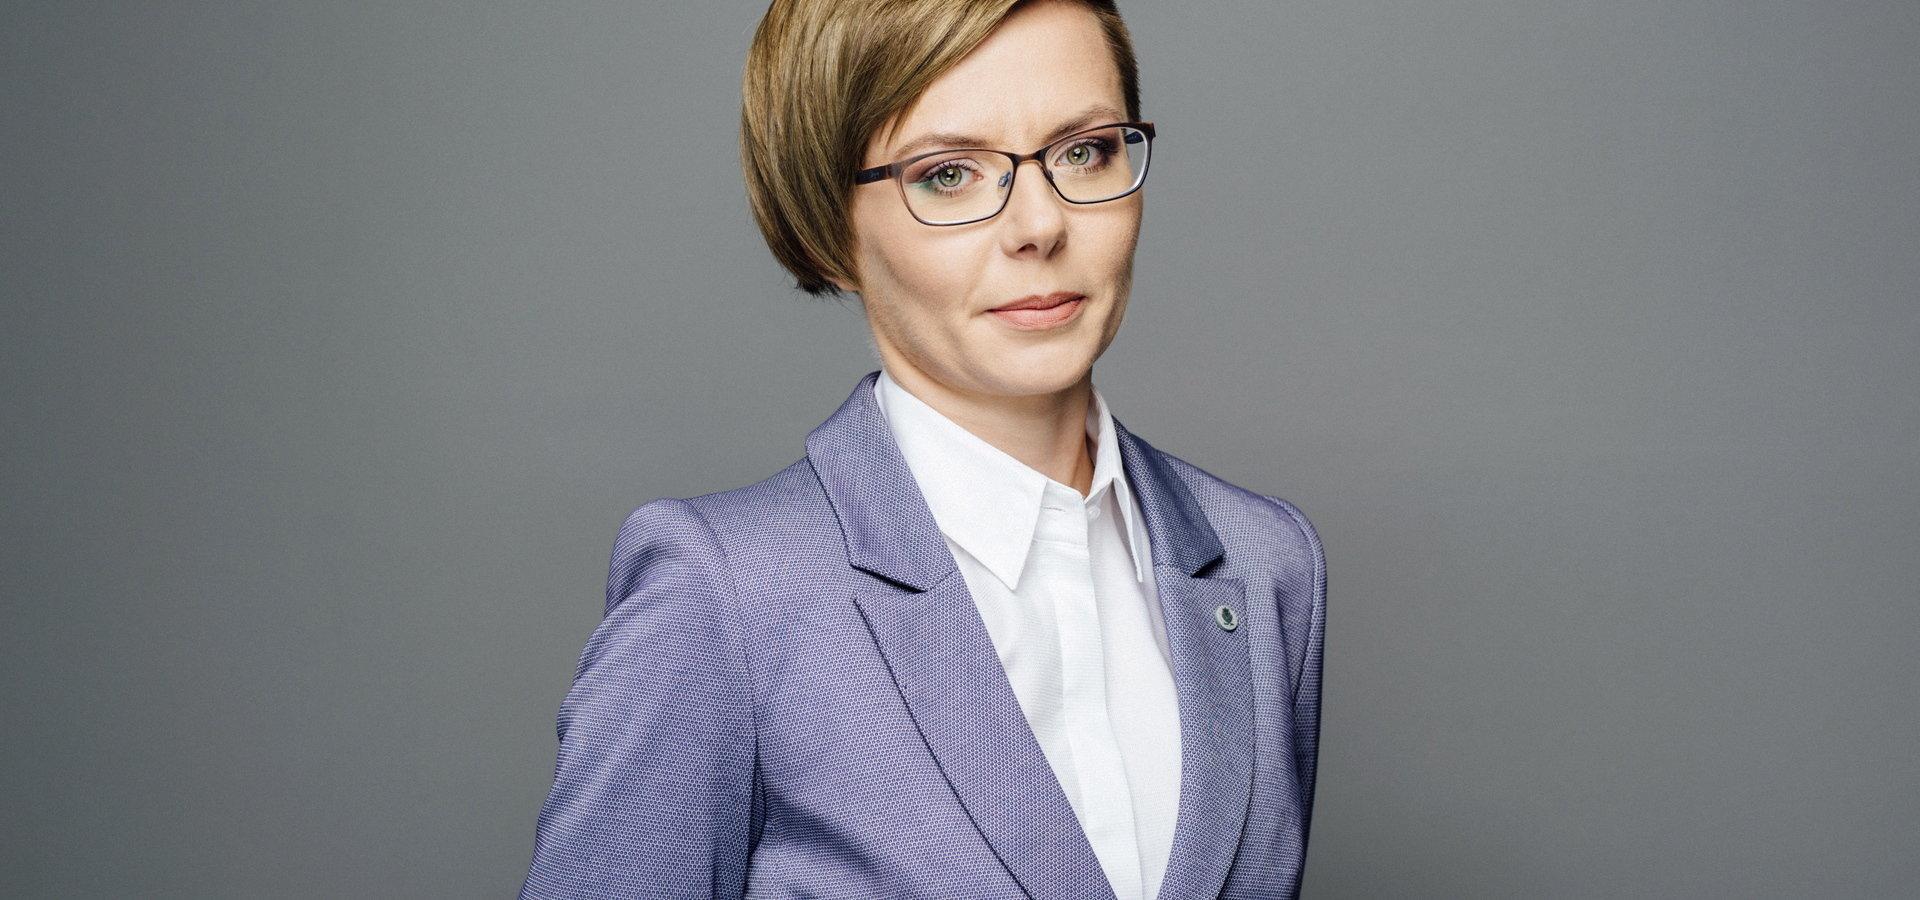 Nowy członek zarządu Europa Ubezpieczenia